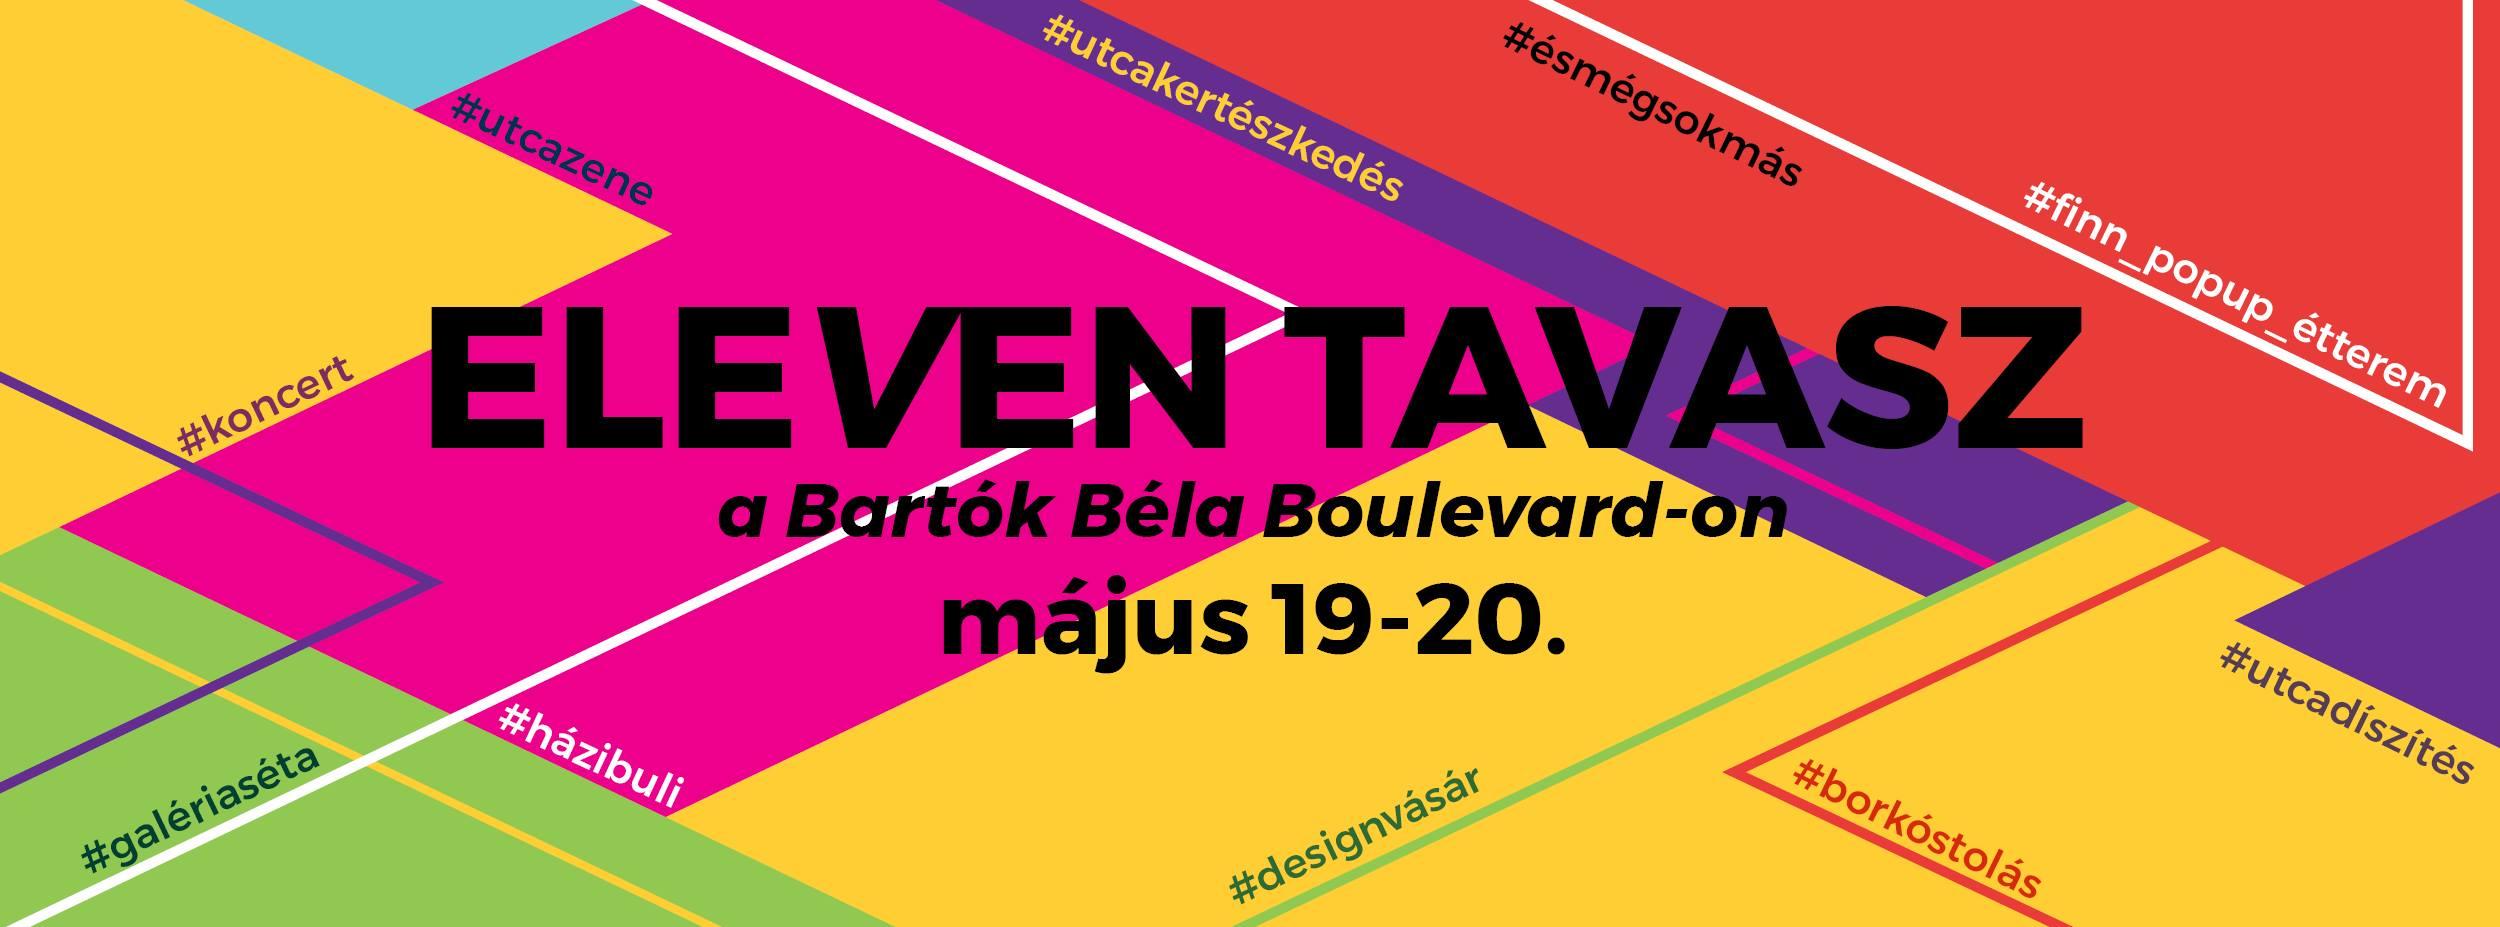 eleven_tavasz2017.jpg